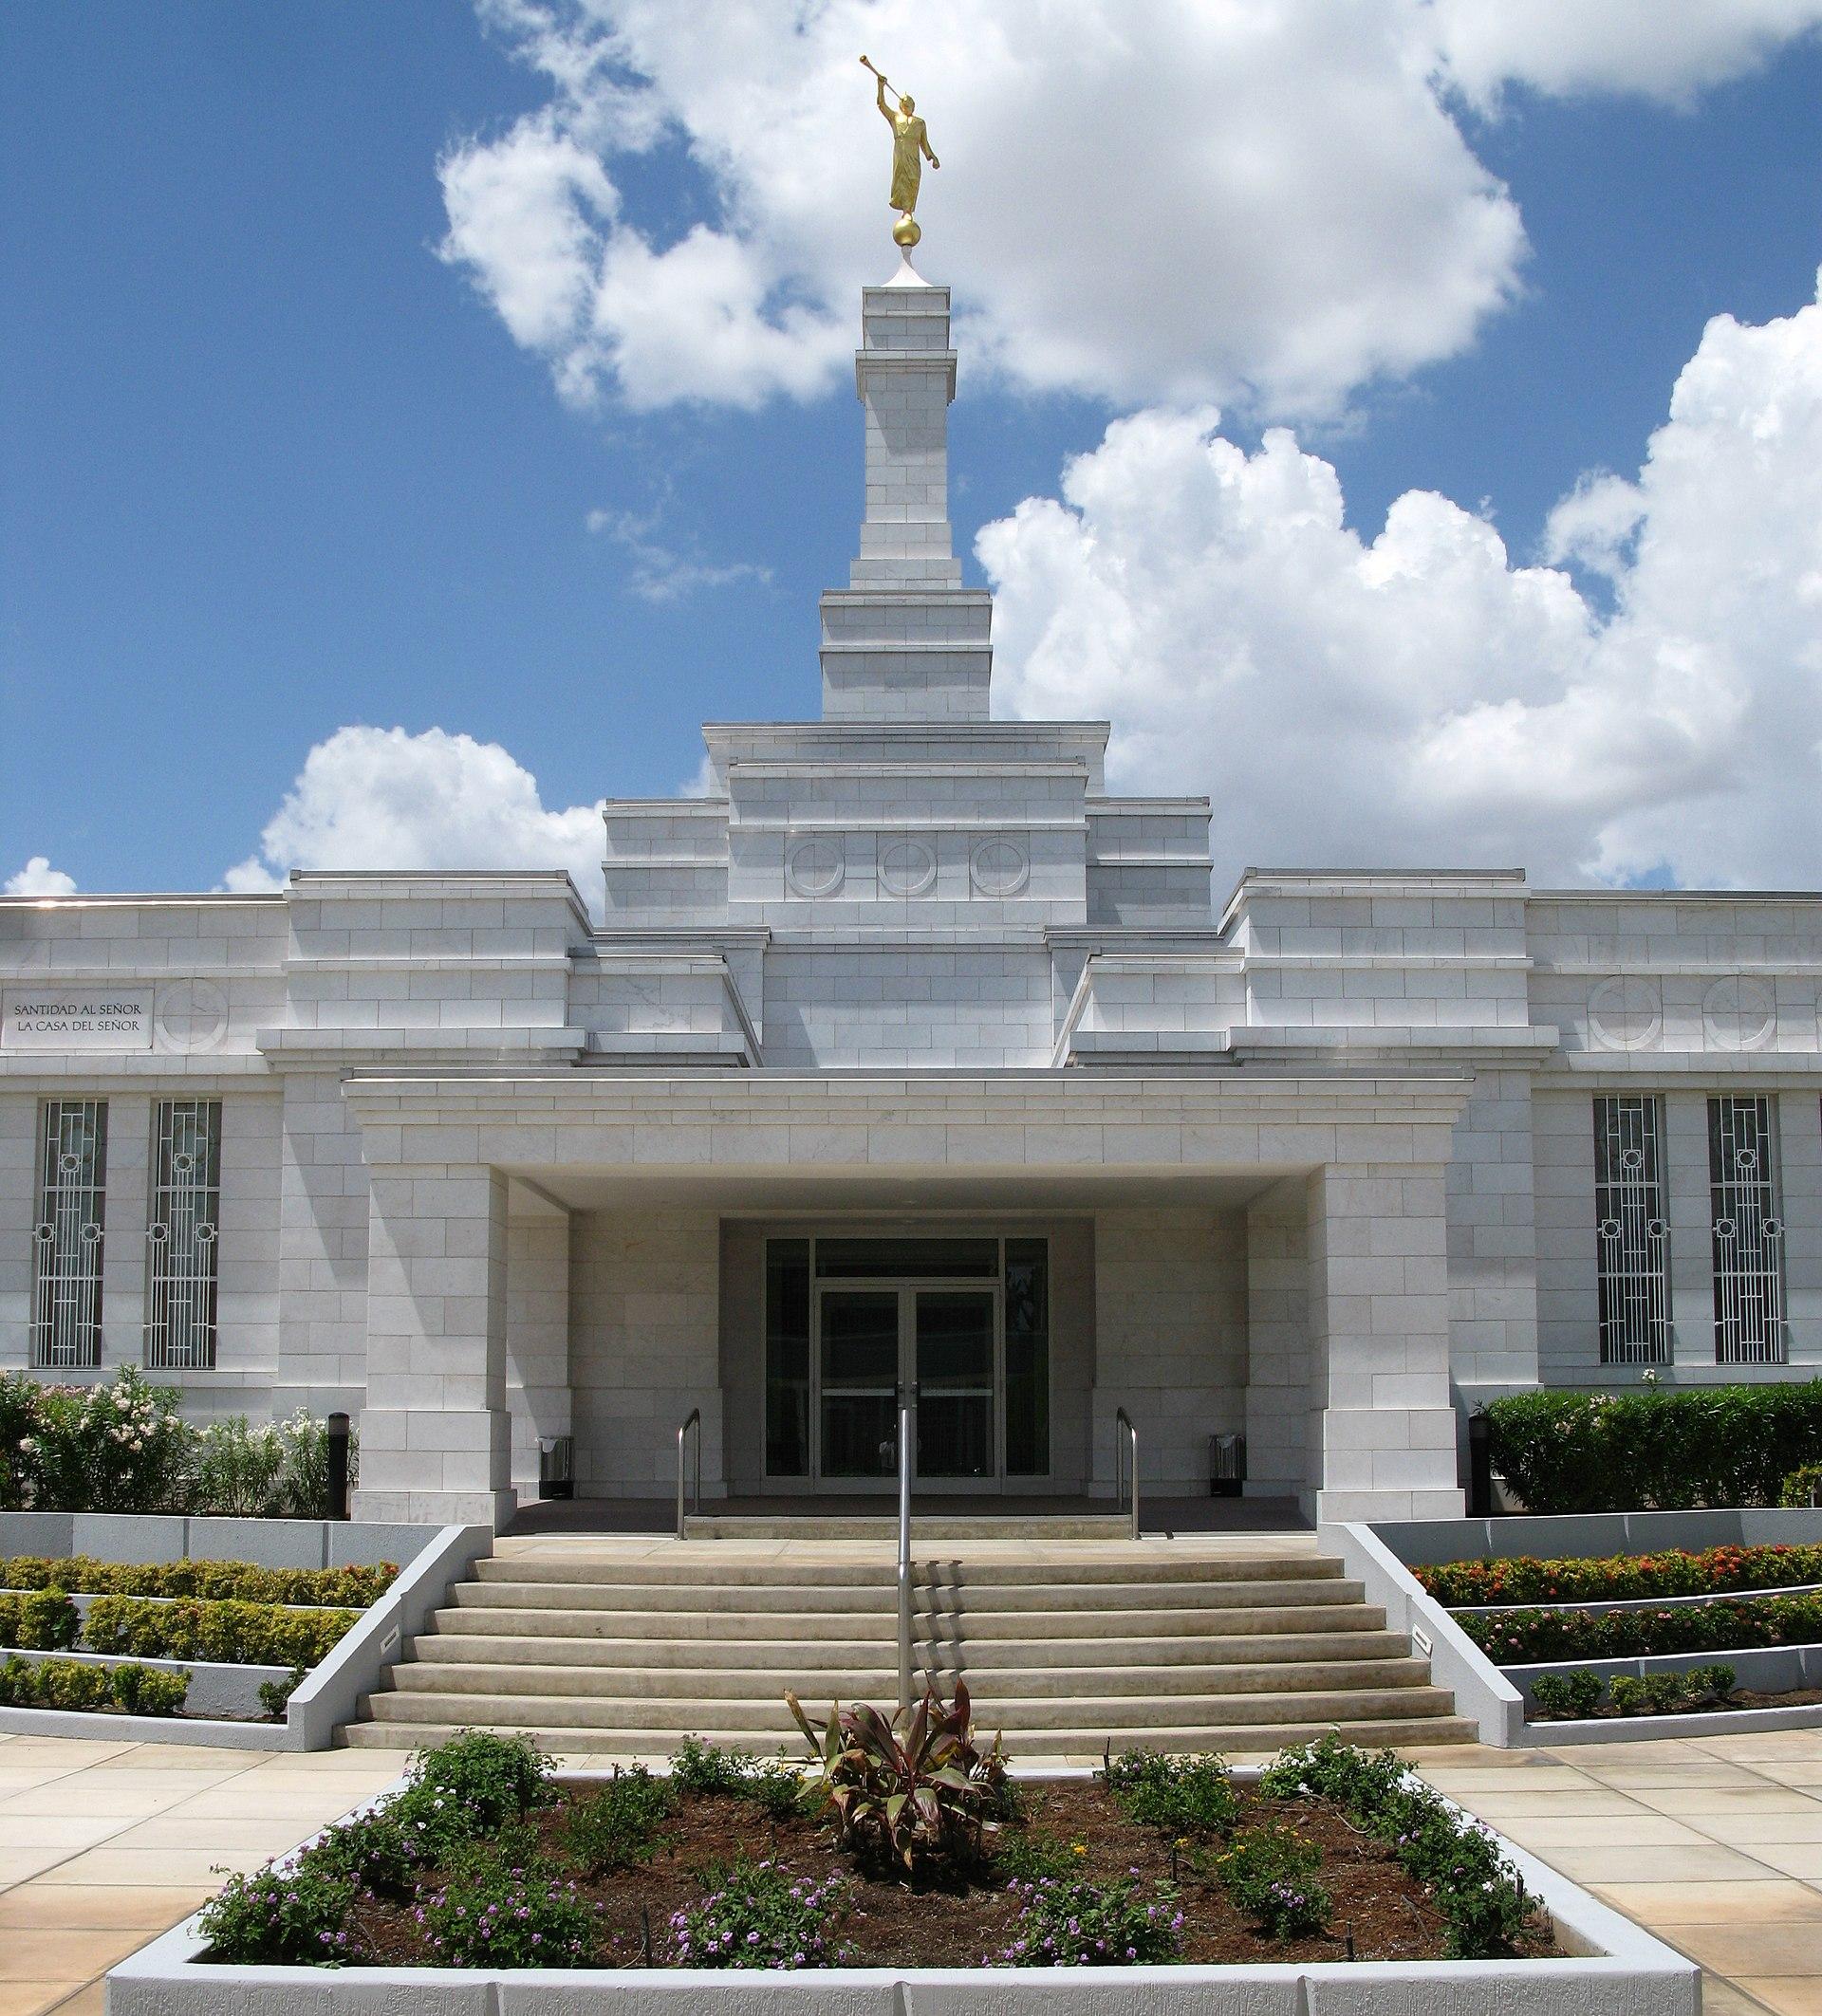 Templo de m rida m xico wikipedia la enciclopedia libre for Construccion de piscinas merida yucatan